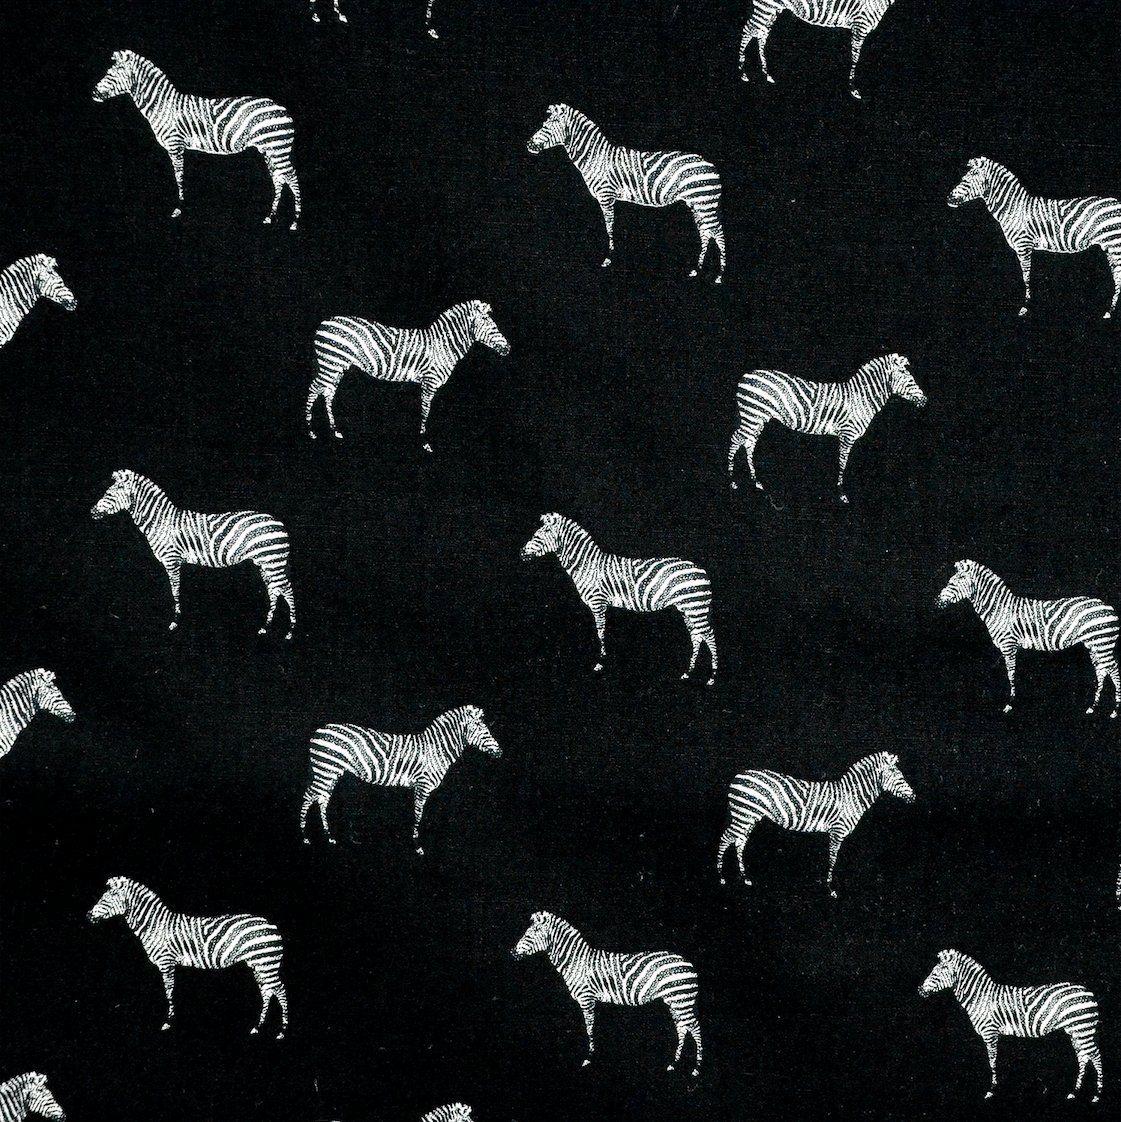 Hadson Craft Freedom Poly Cotton zebra zwierzę wzór pikowanie patchwork rzemiosło brytyjski design tkanina na pościel zasłony wyposażenie odzież - cena ćwierć metrów (0,25 cm), czarny, jeden rozmiar